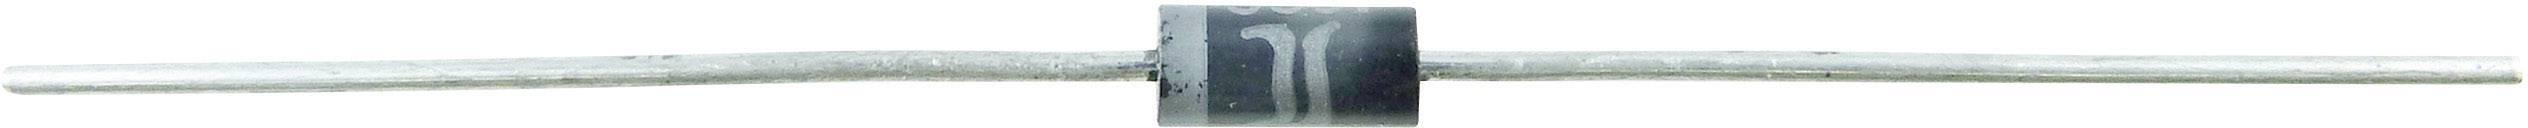 Schottkyho usmerňovacia dióda Diotec SB1100, 1 A, 100 V